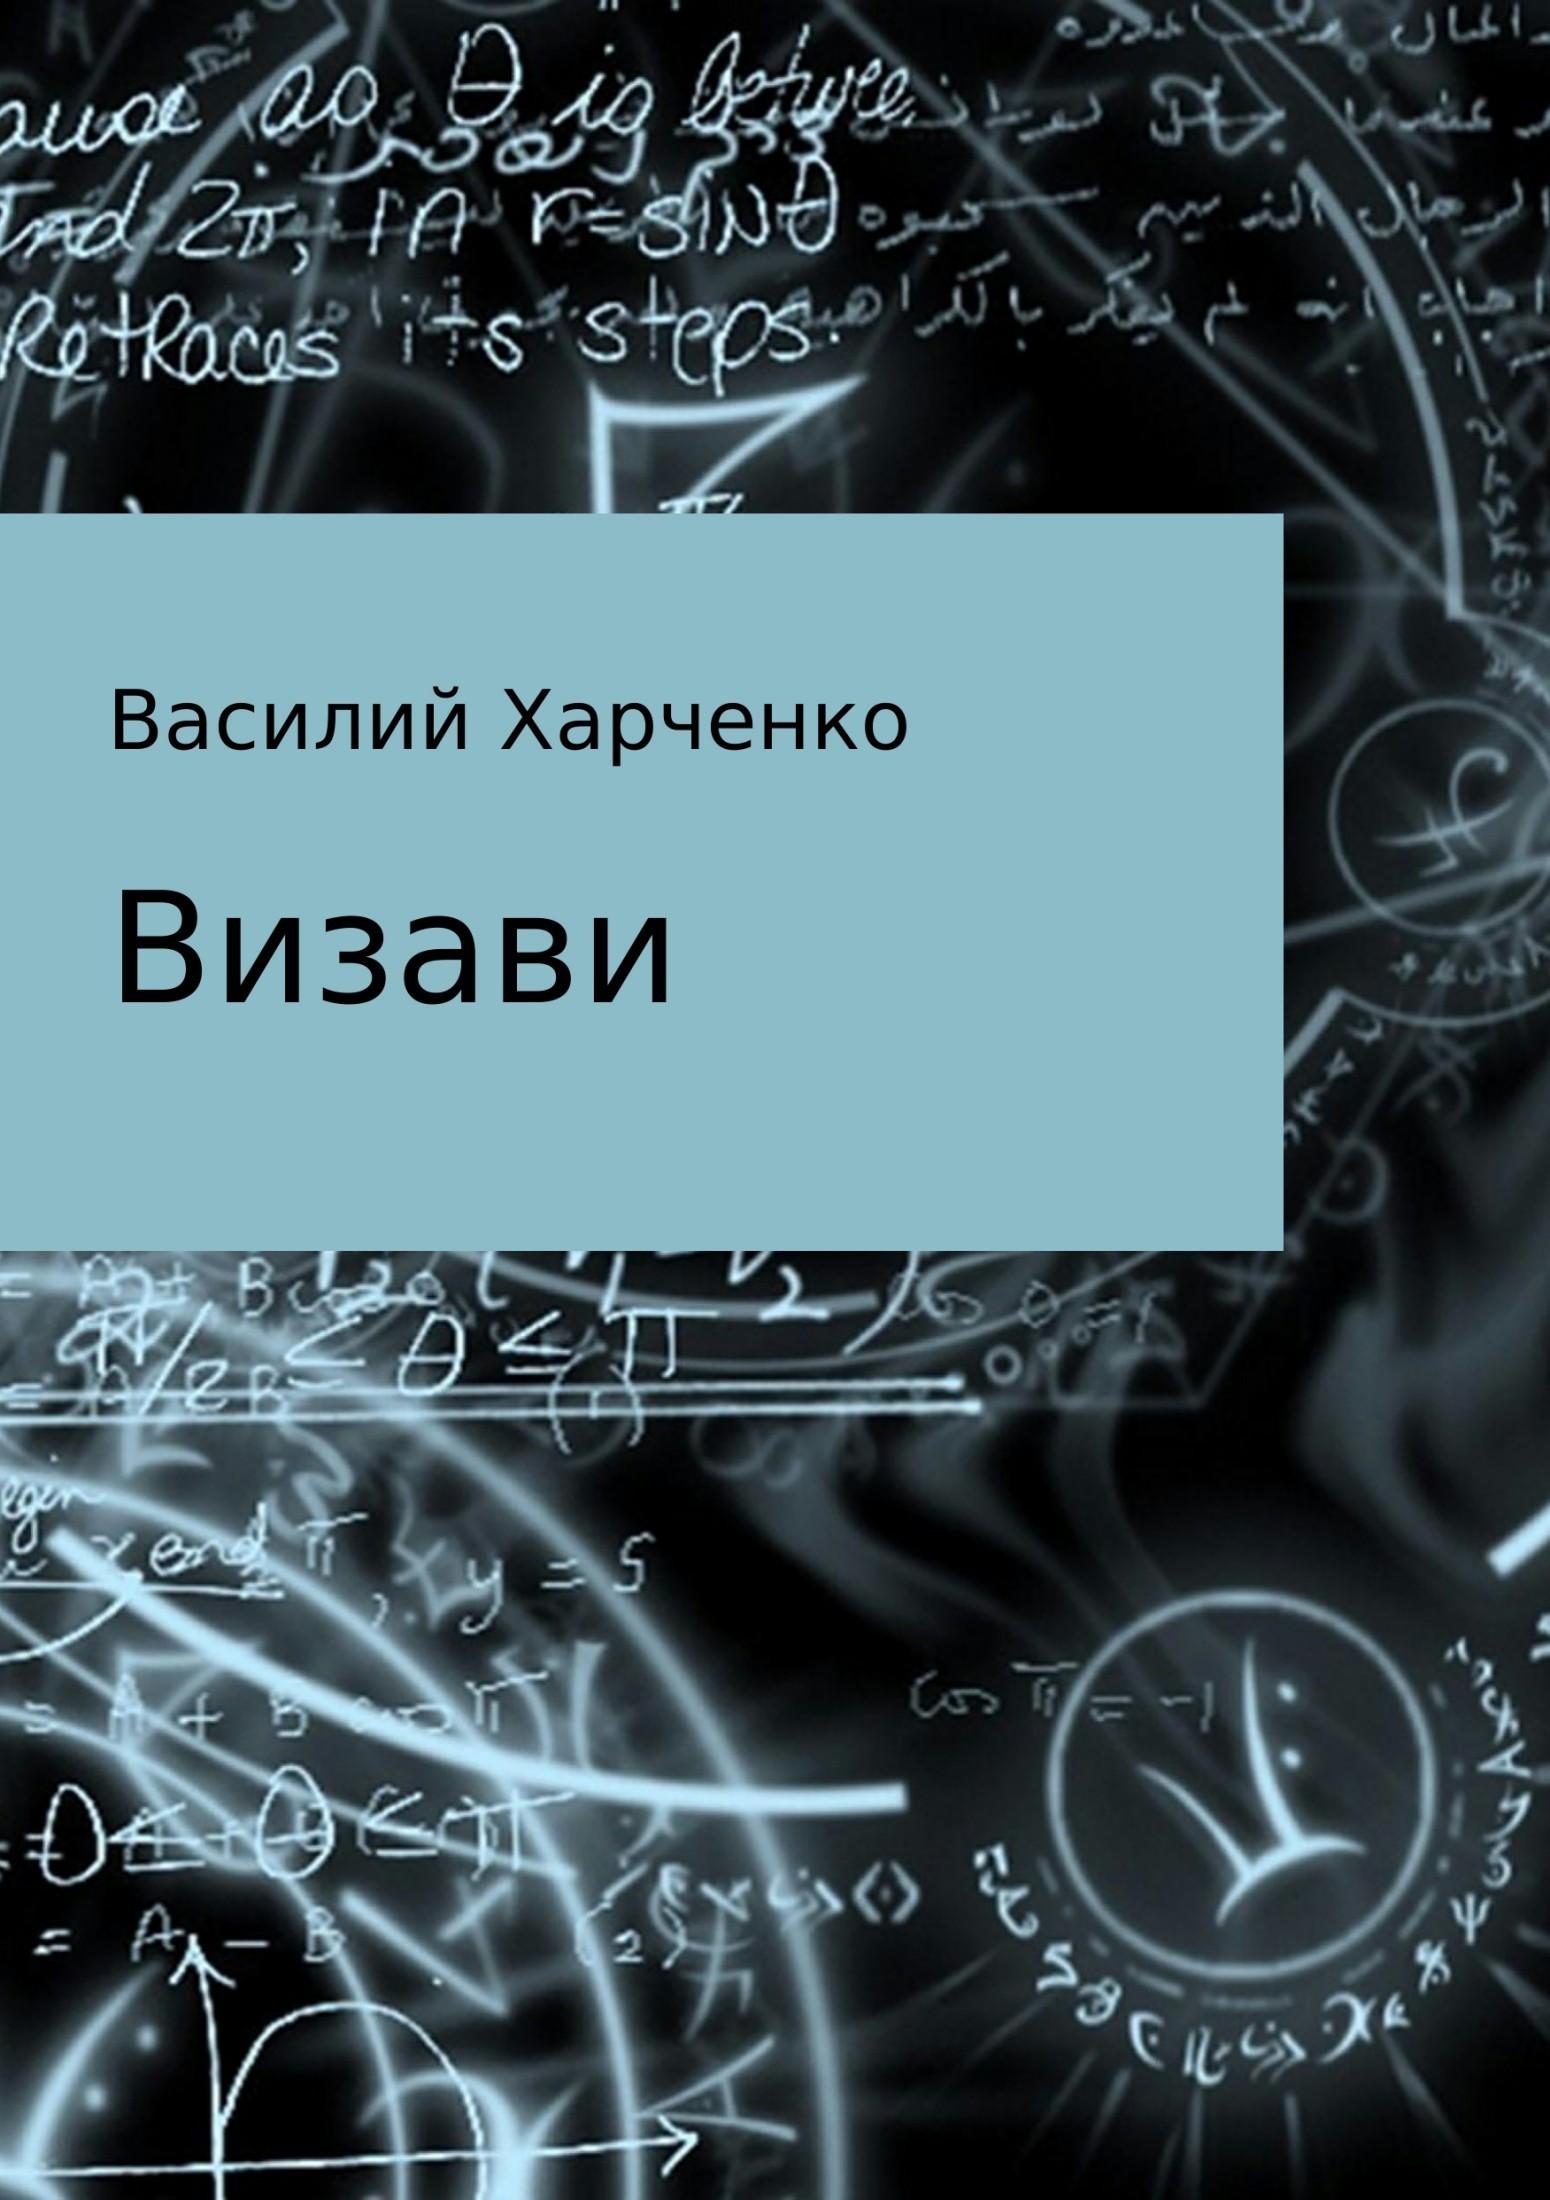 Василий Леонидович Харченко Визави. Рассказ скурихин сергей леонидович выжигатель